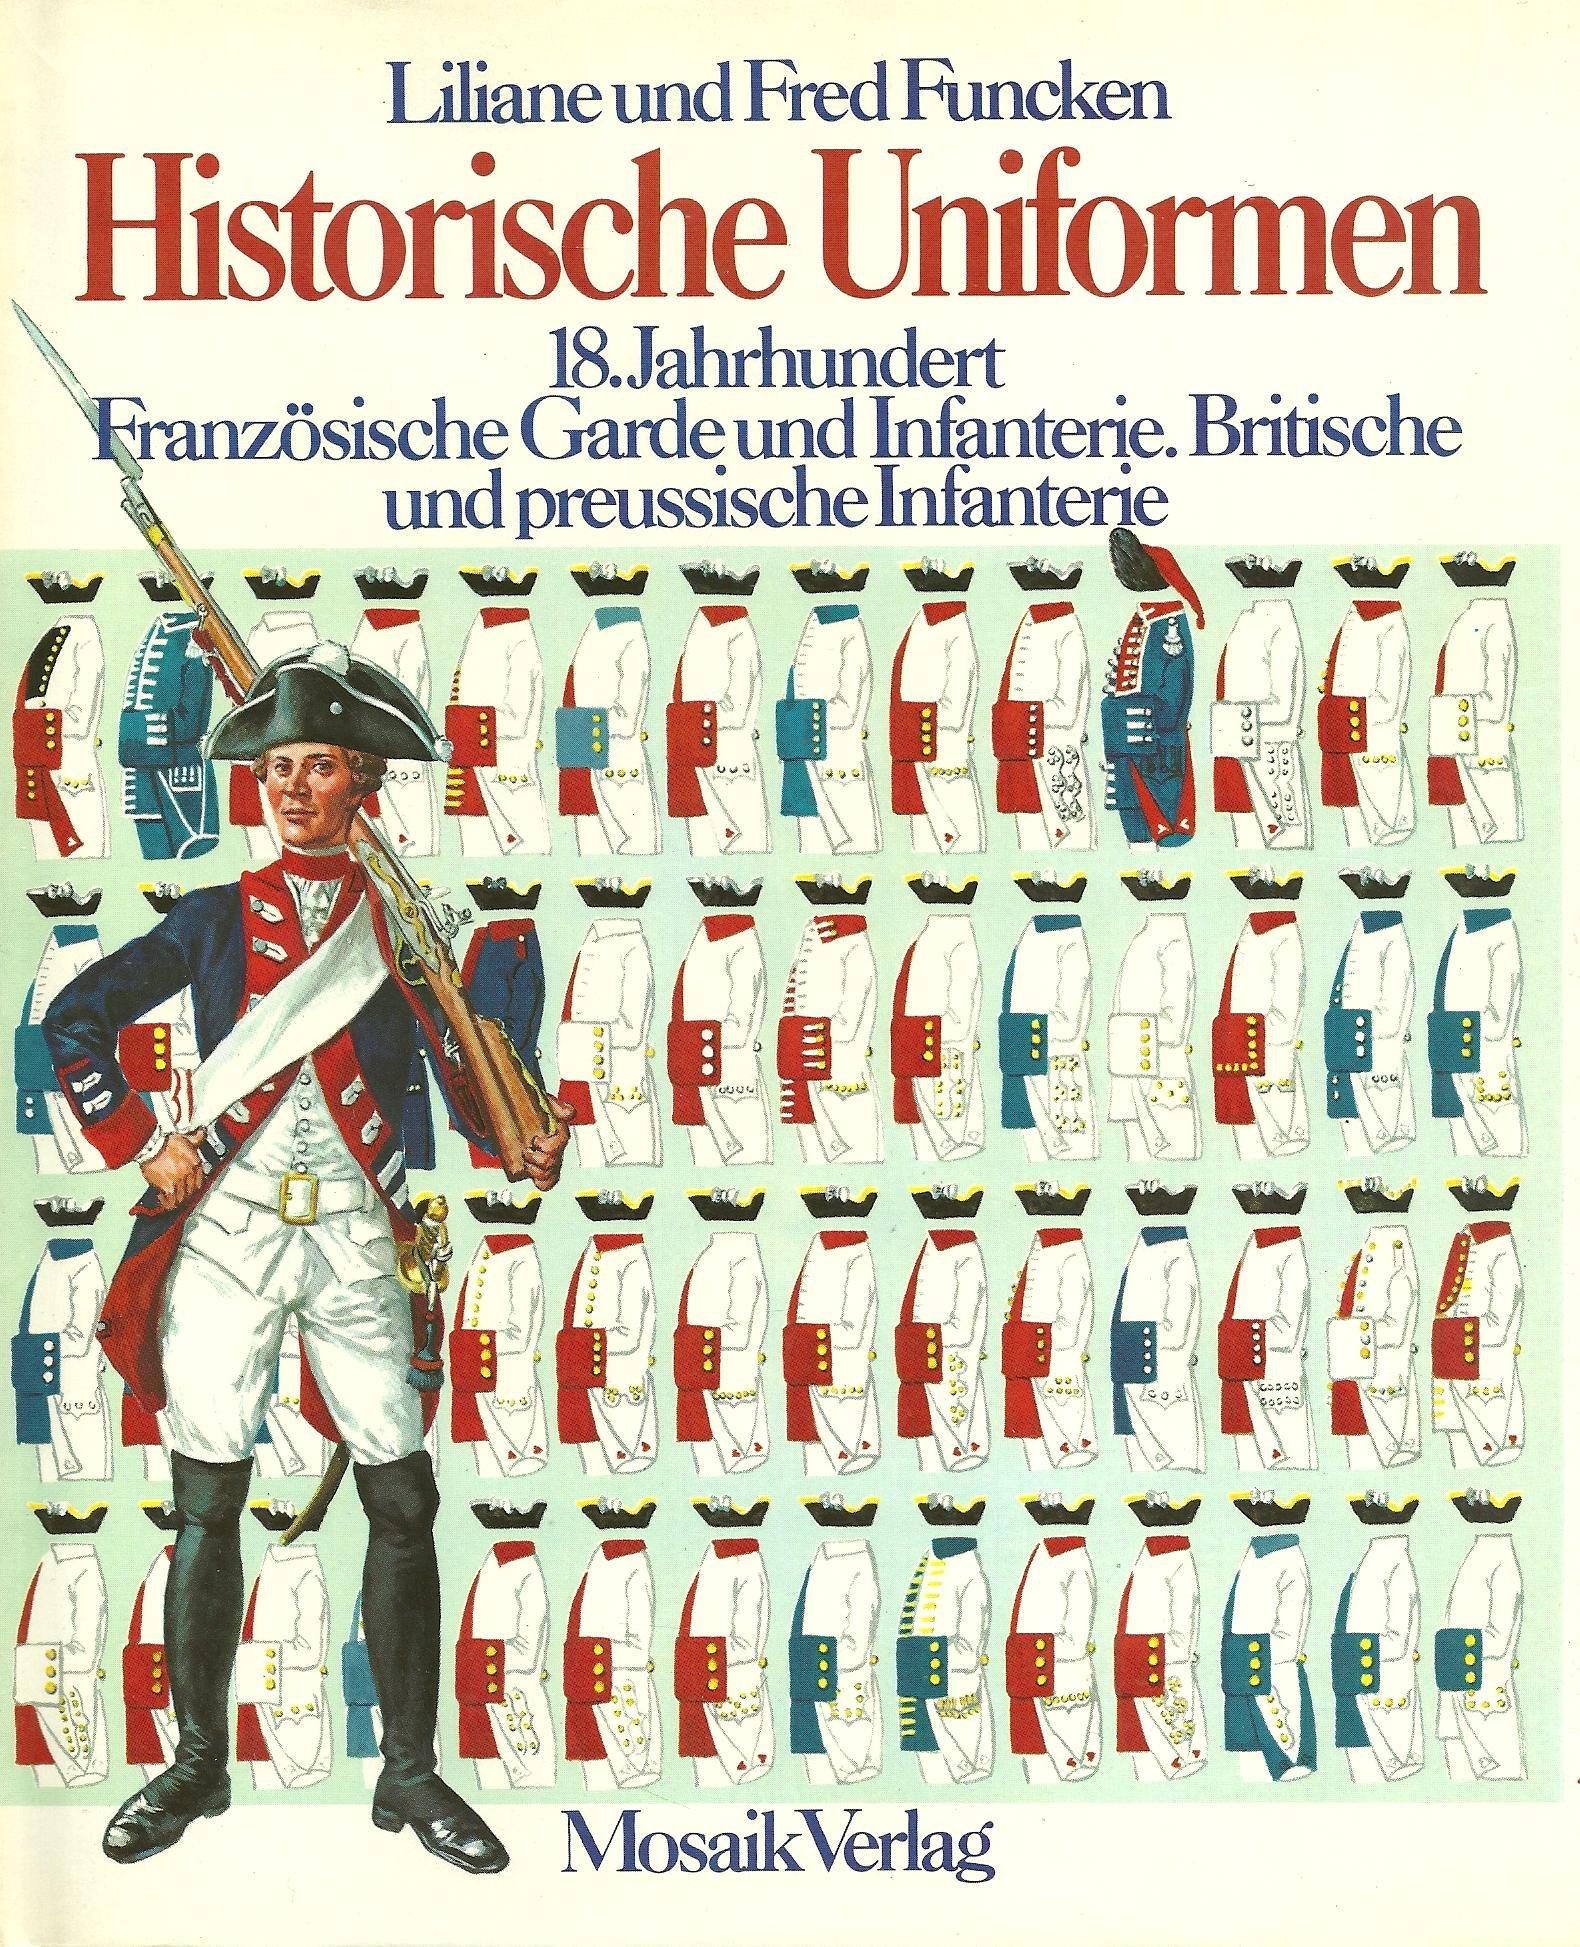 Historische Uniformen  18.Jahrhundert: Französische Garde und Infanterie. Britische und preussische Infanterie